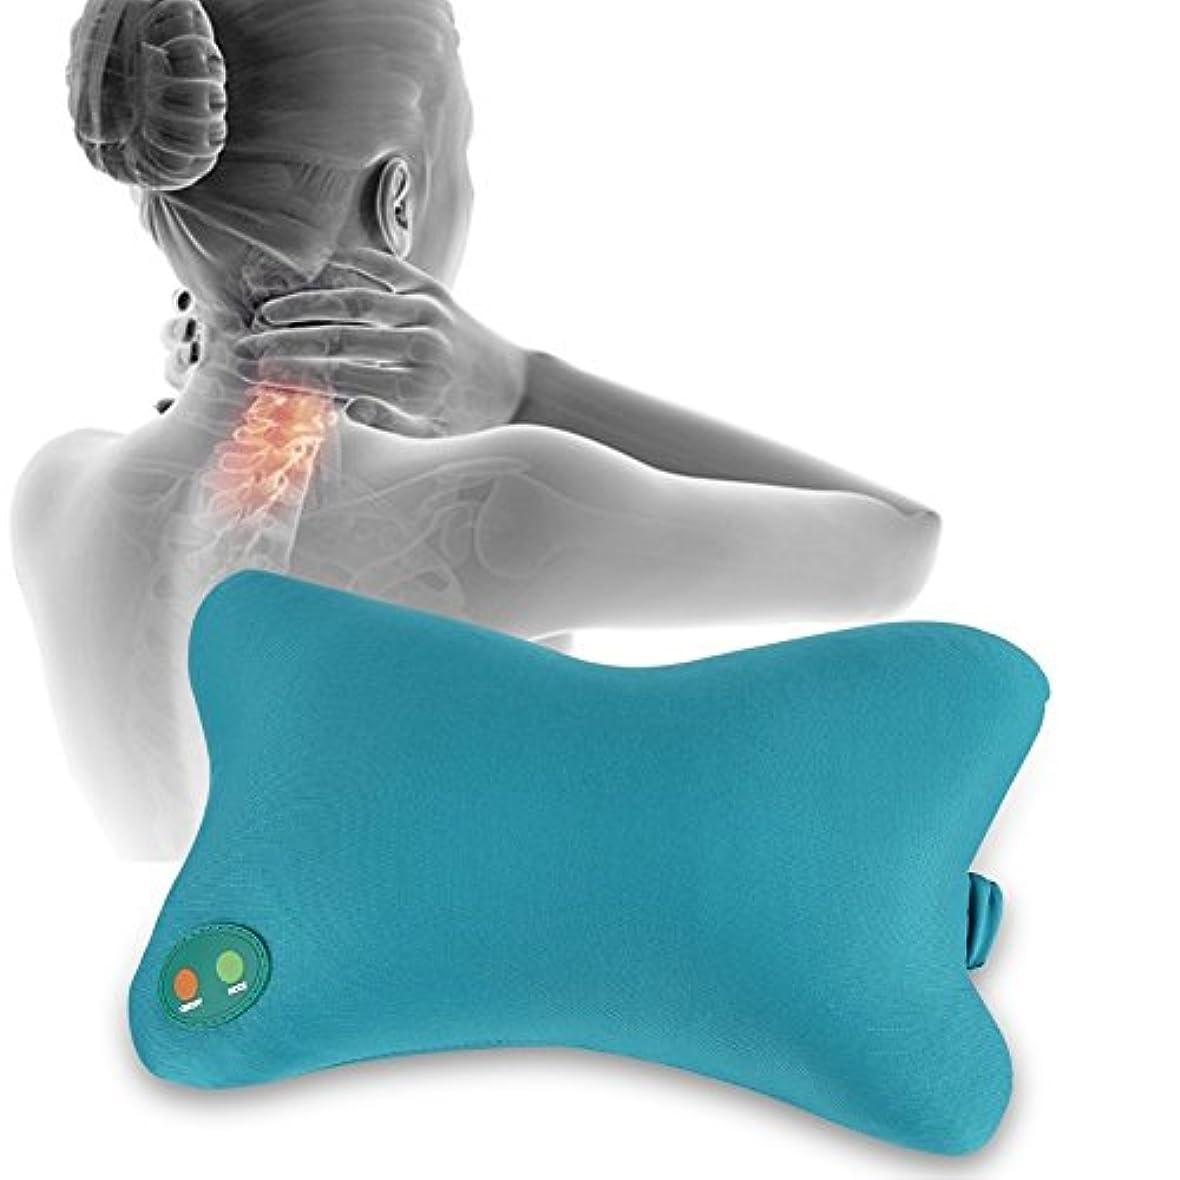 計り知れない計算するコンドームマッサージピロー、背中の痛みを軽減するための柔らかい電気ネックマッサージの刺激のクッション車のオフィスホームナップの使用、CEの承認